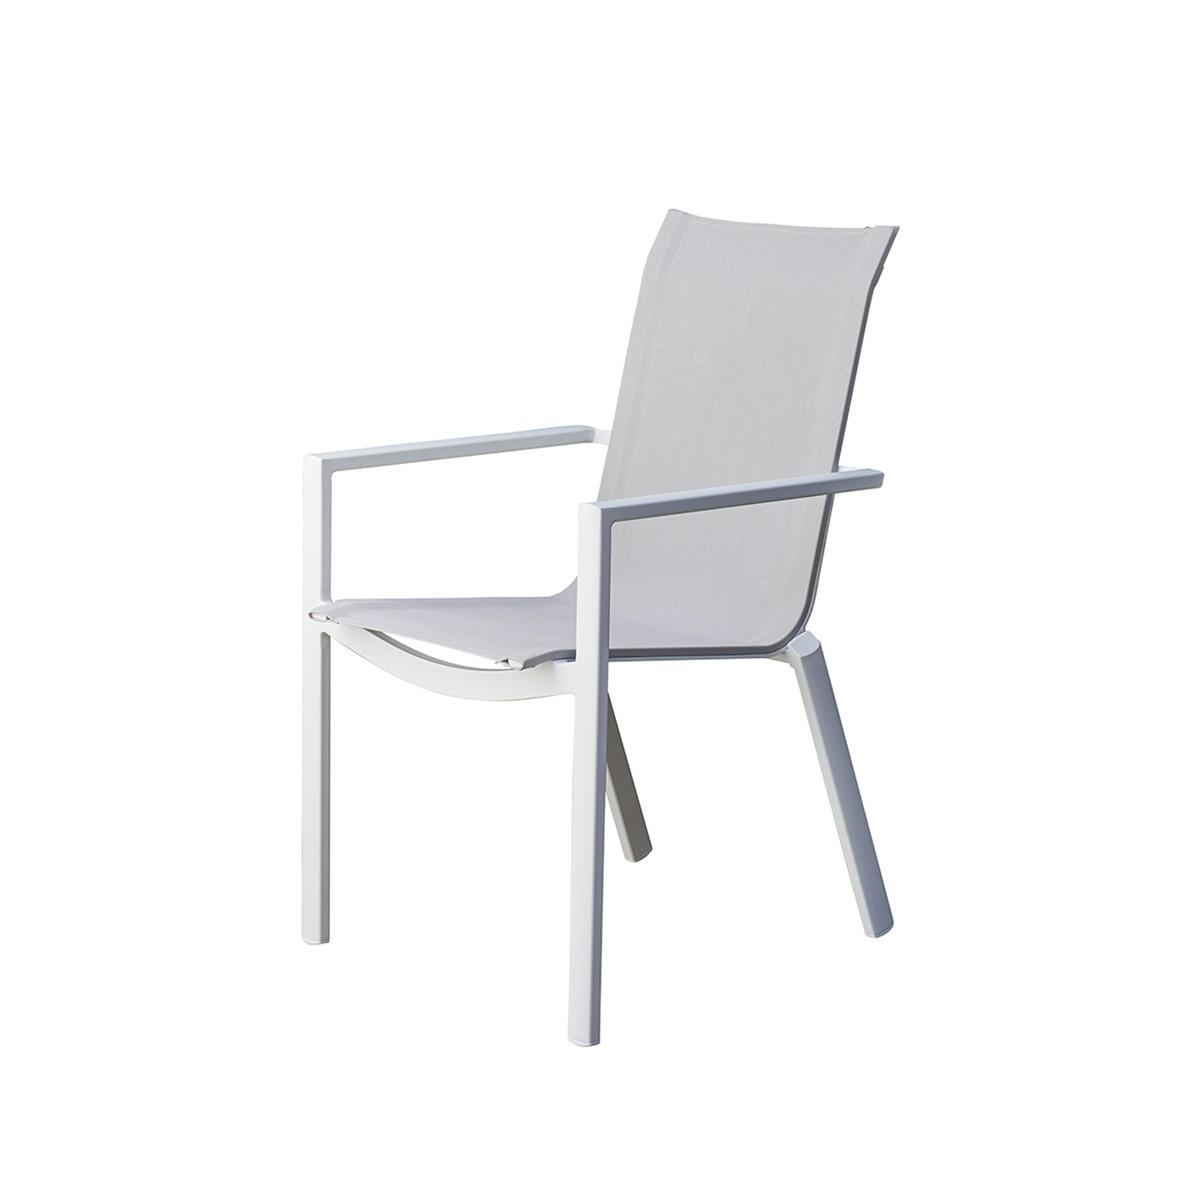 Fauteuil de jardin en aluminium blanc et textilène gris